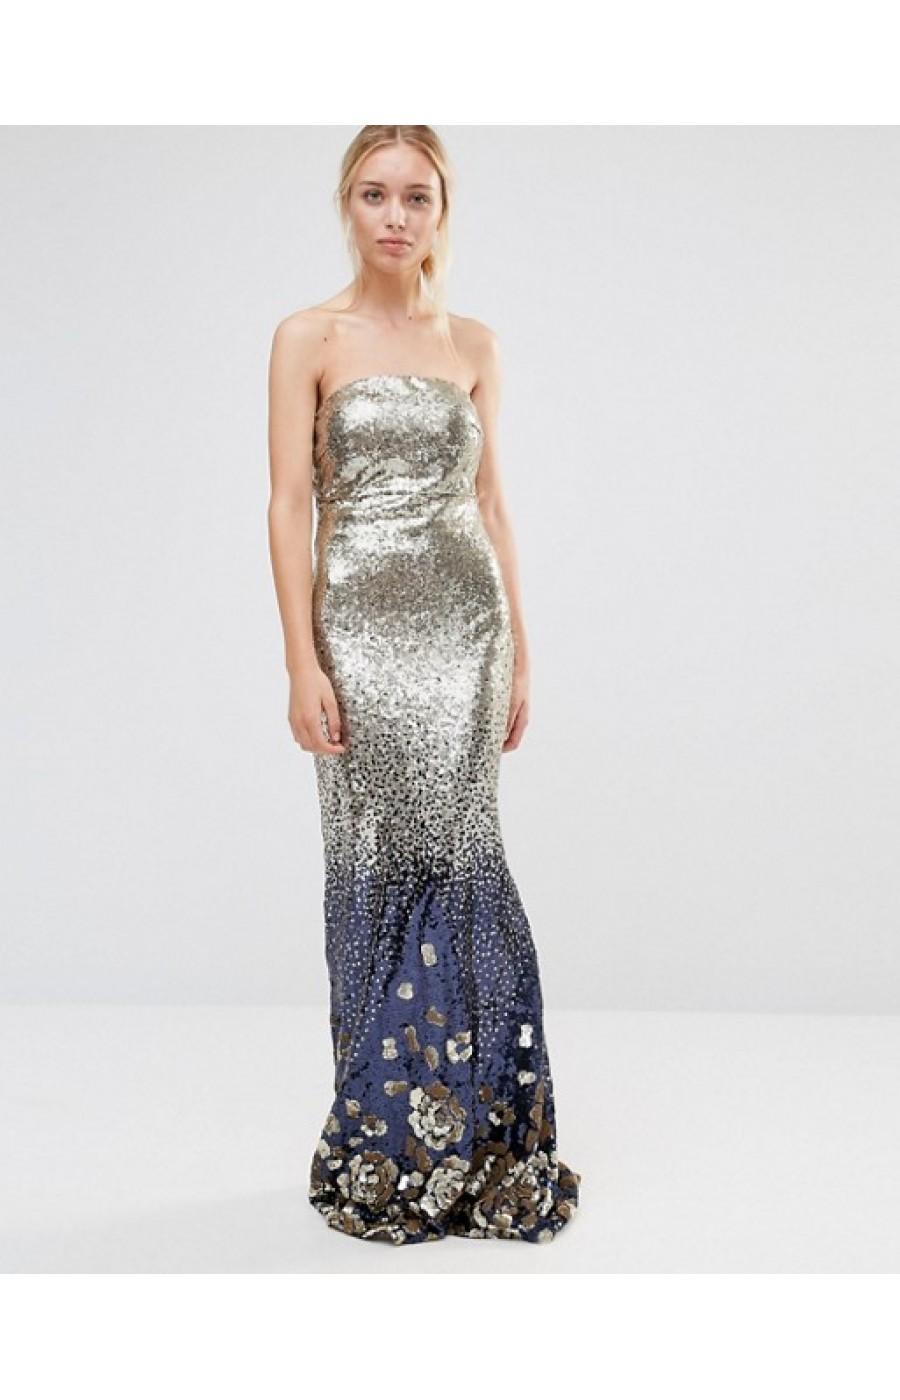 Χρυσό μακρύ φόρεμα με πούλιες